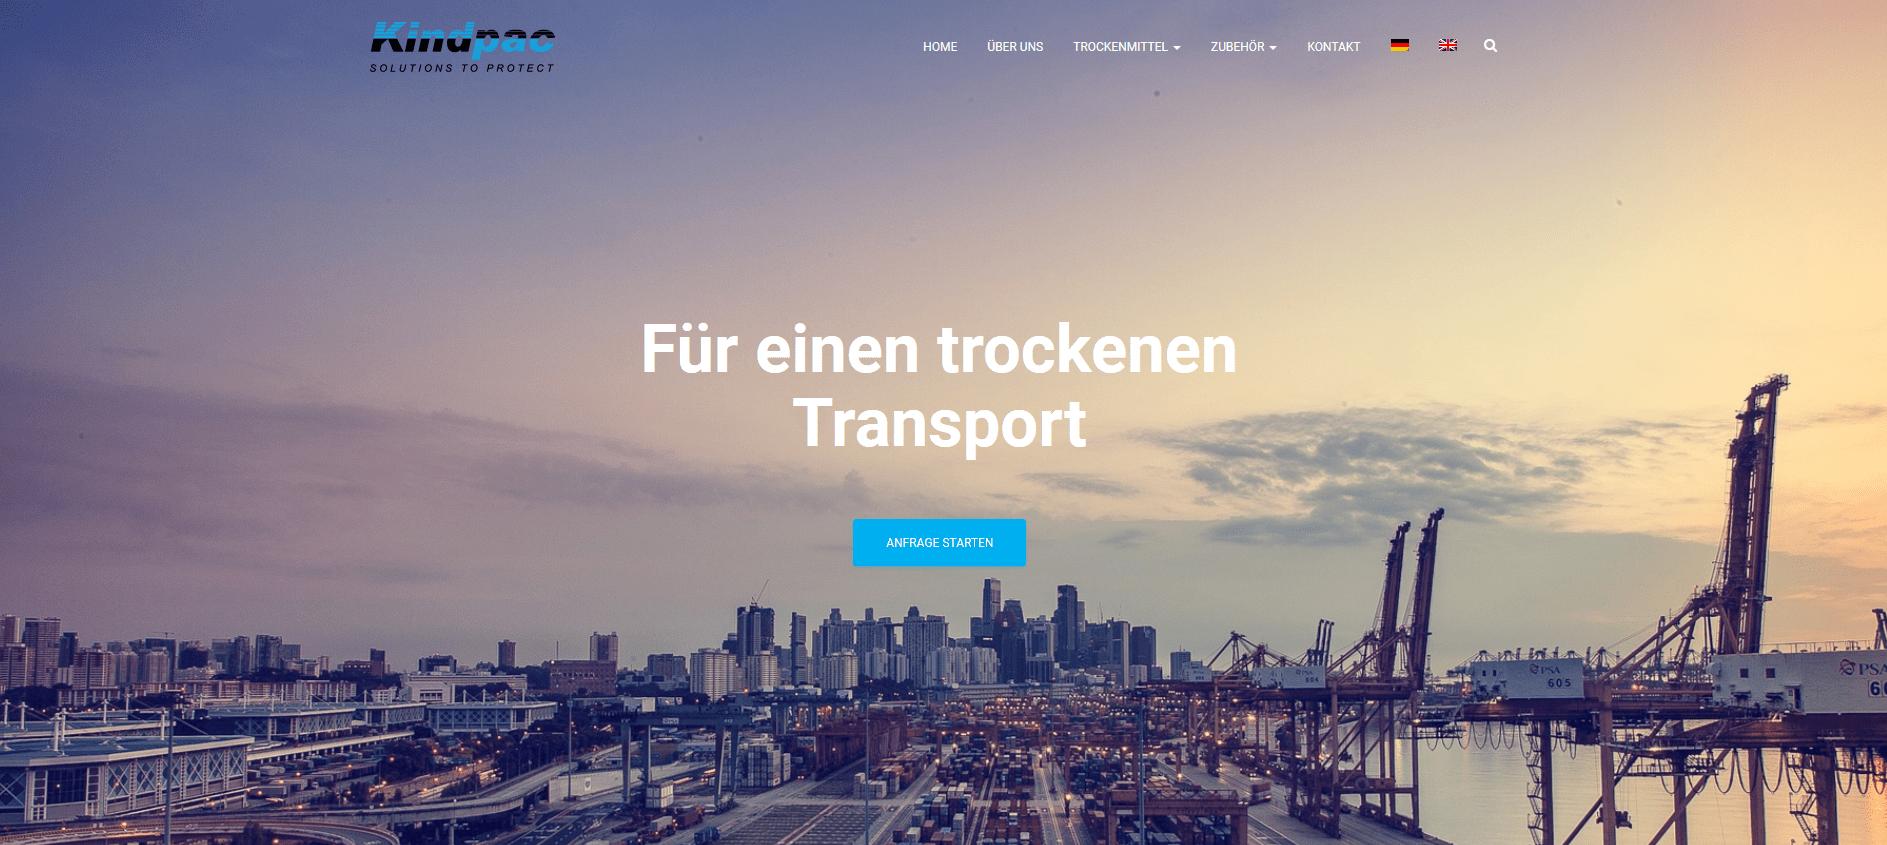 Kindpac GmbH Webdesign Augsburg